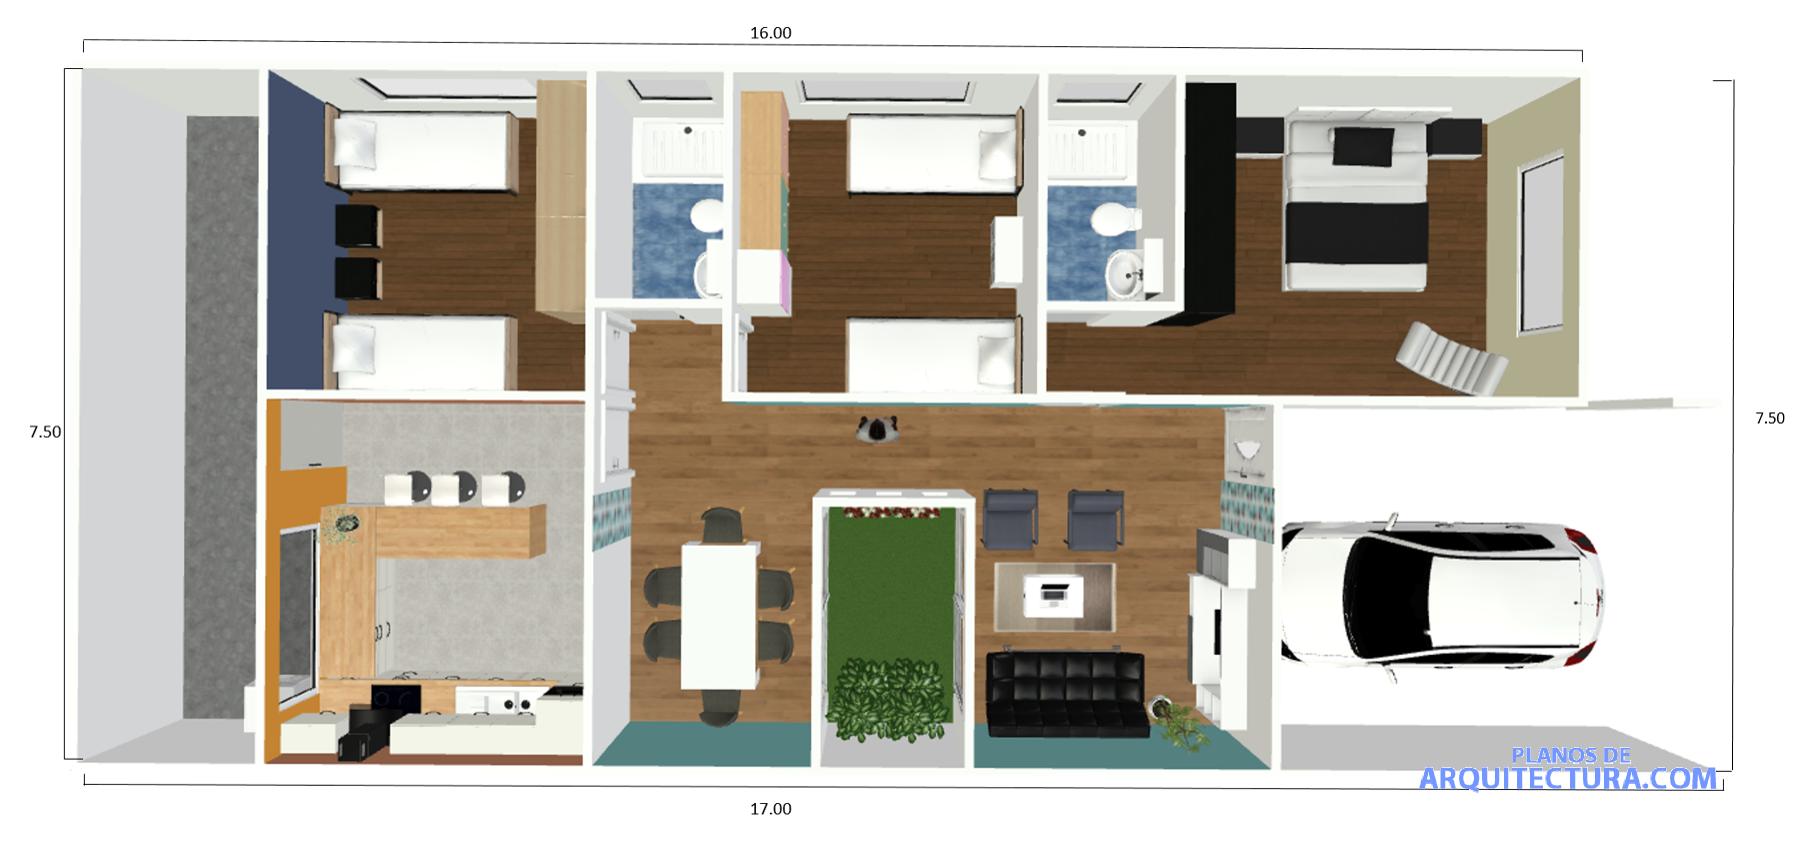 Idea de casa peque a de un piso 127 metros cuadrados for Disenos de casas pequenas para construir